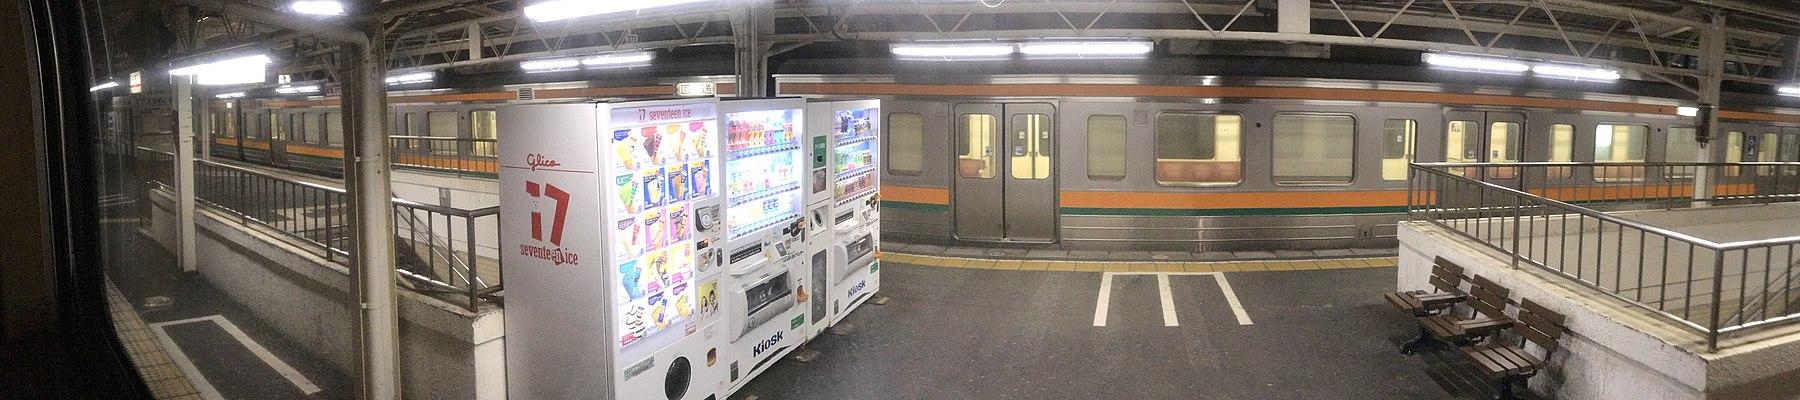 Station Numazu bij nacht, -1 mei 2017.jpg